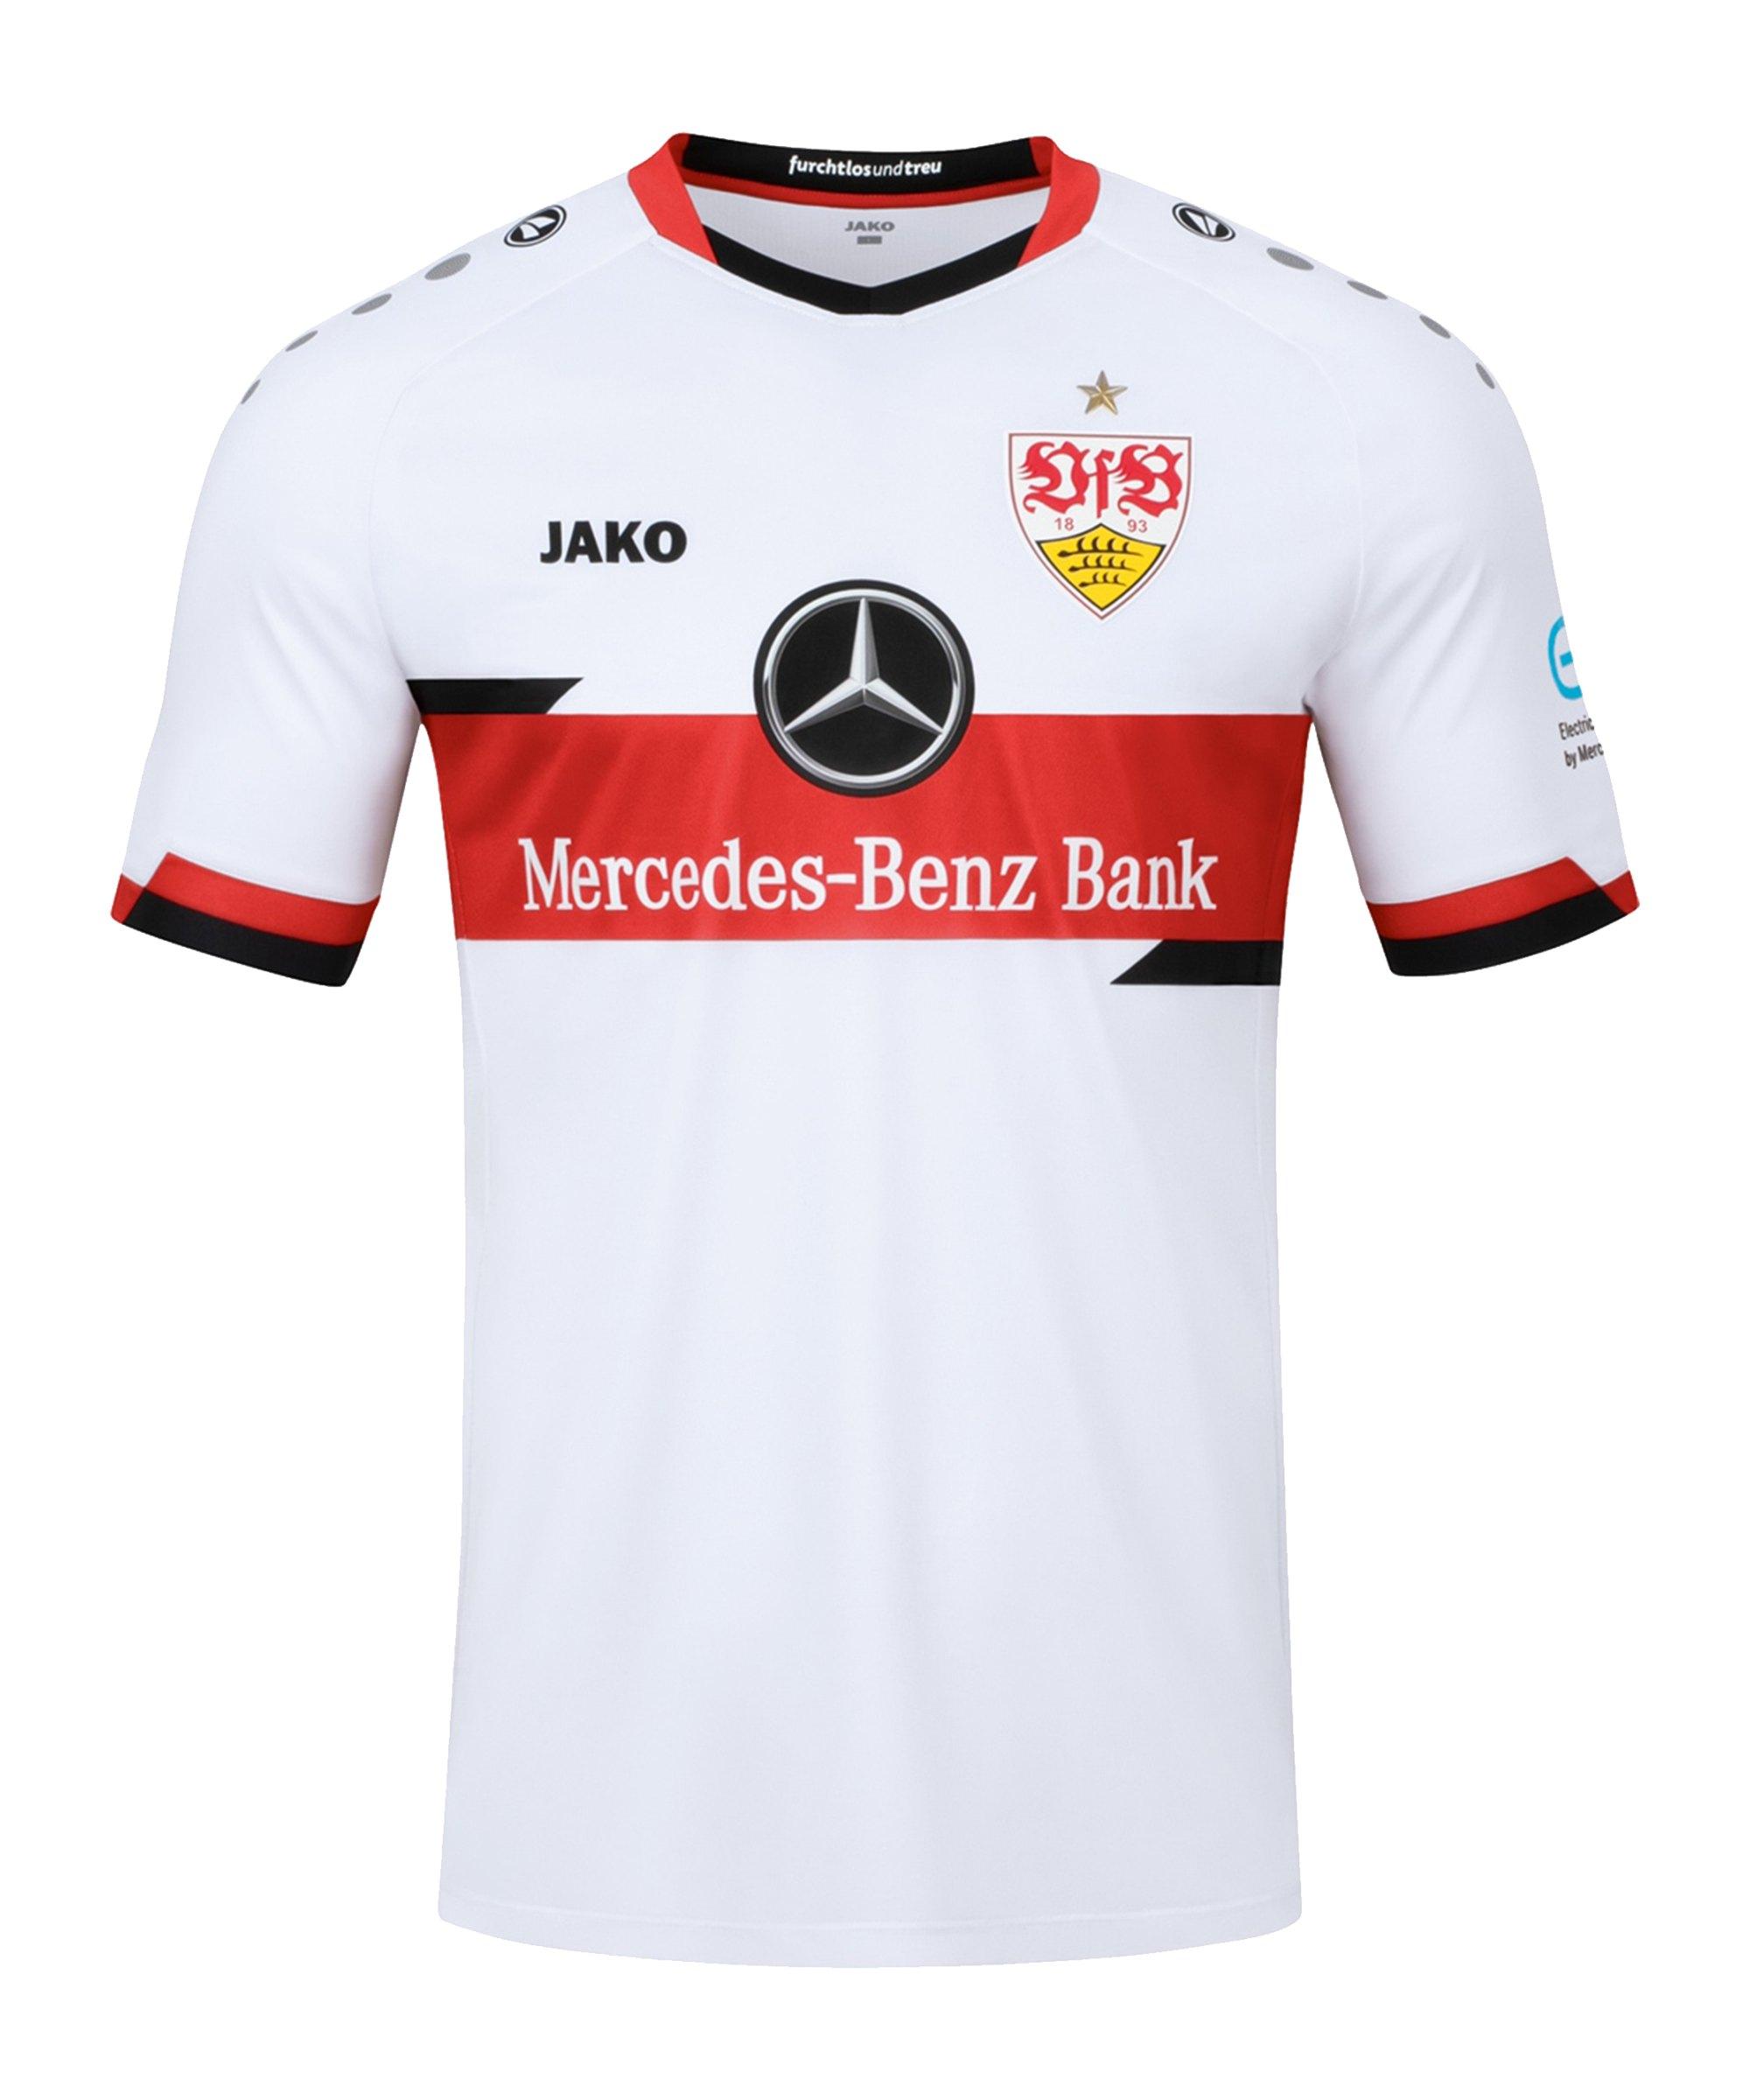 JAKO VfB Stuttgart Trikot Home 2021/2022 Weiss F00 - weiss